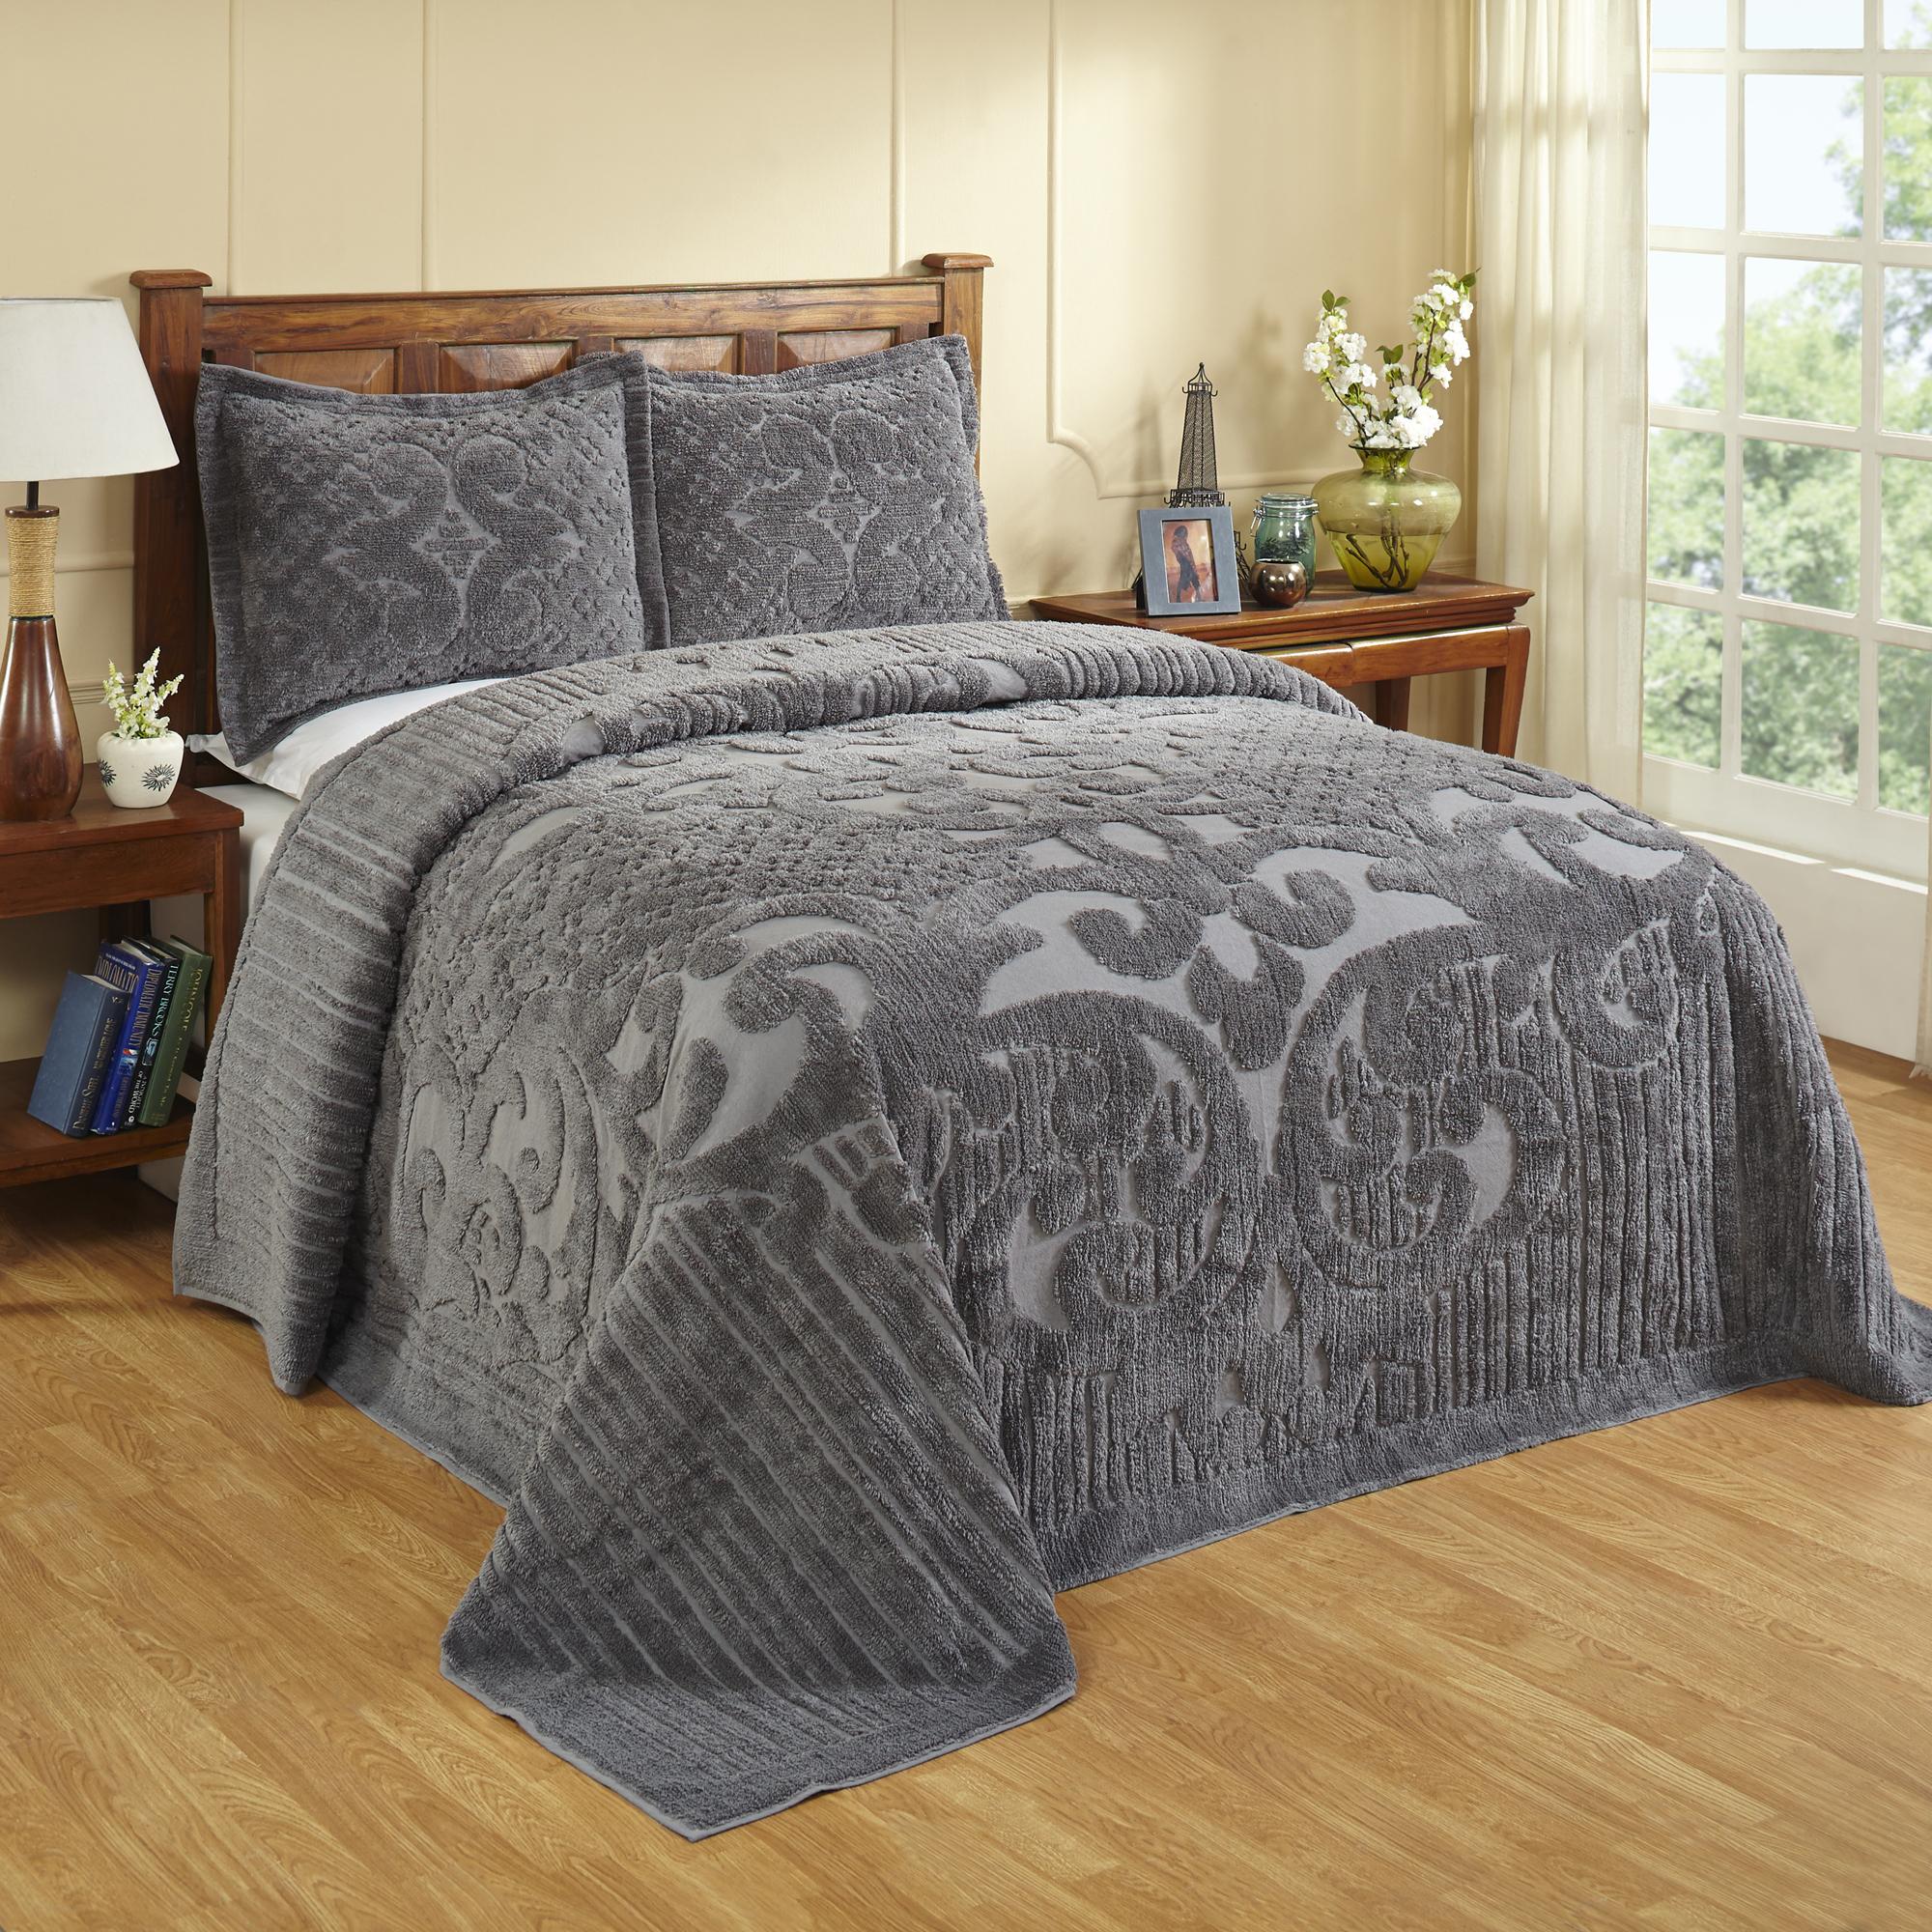 Ashton Chenille Bedspread Queen 102x110 Grey